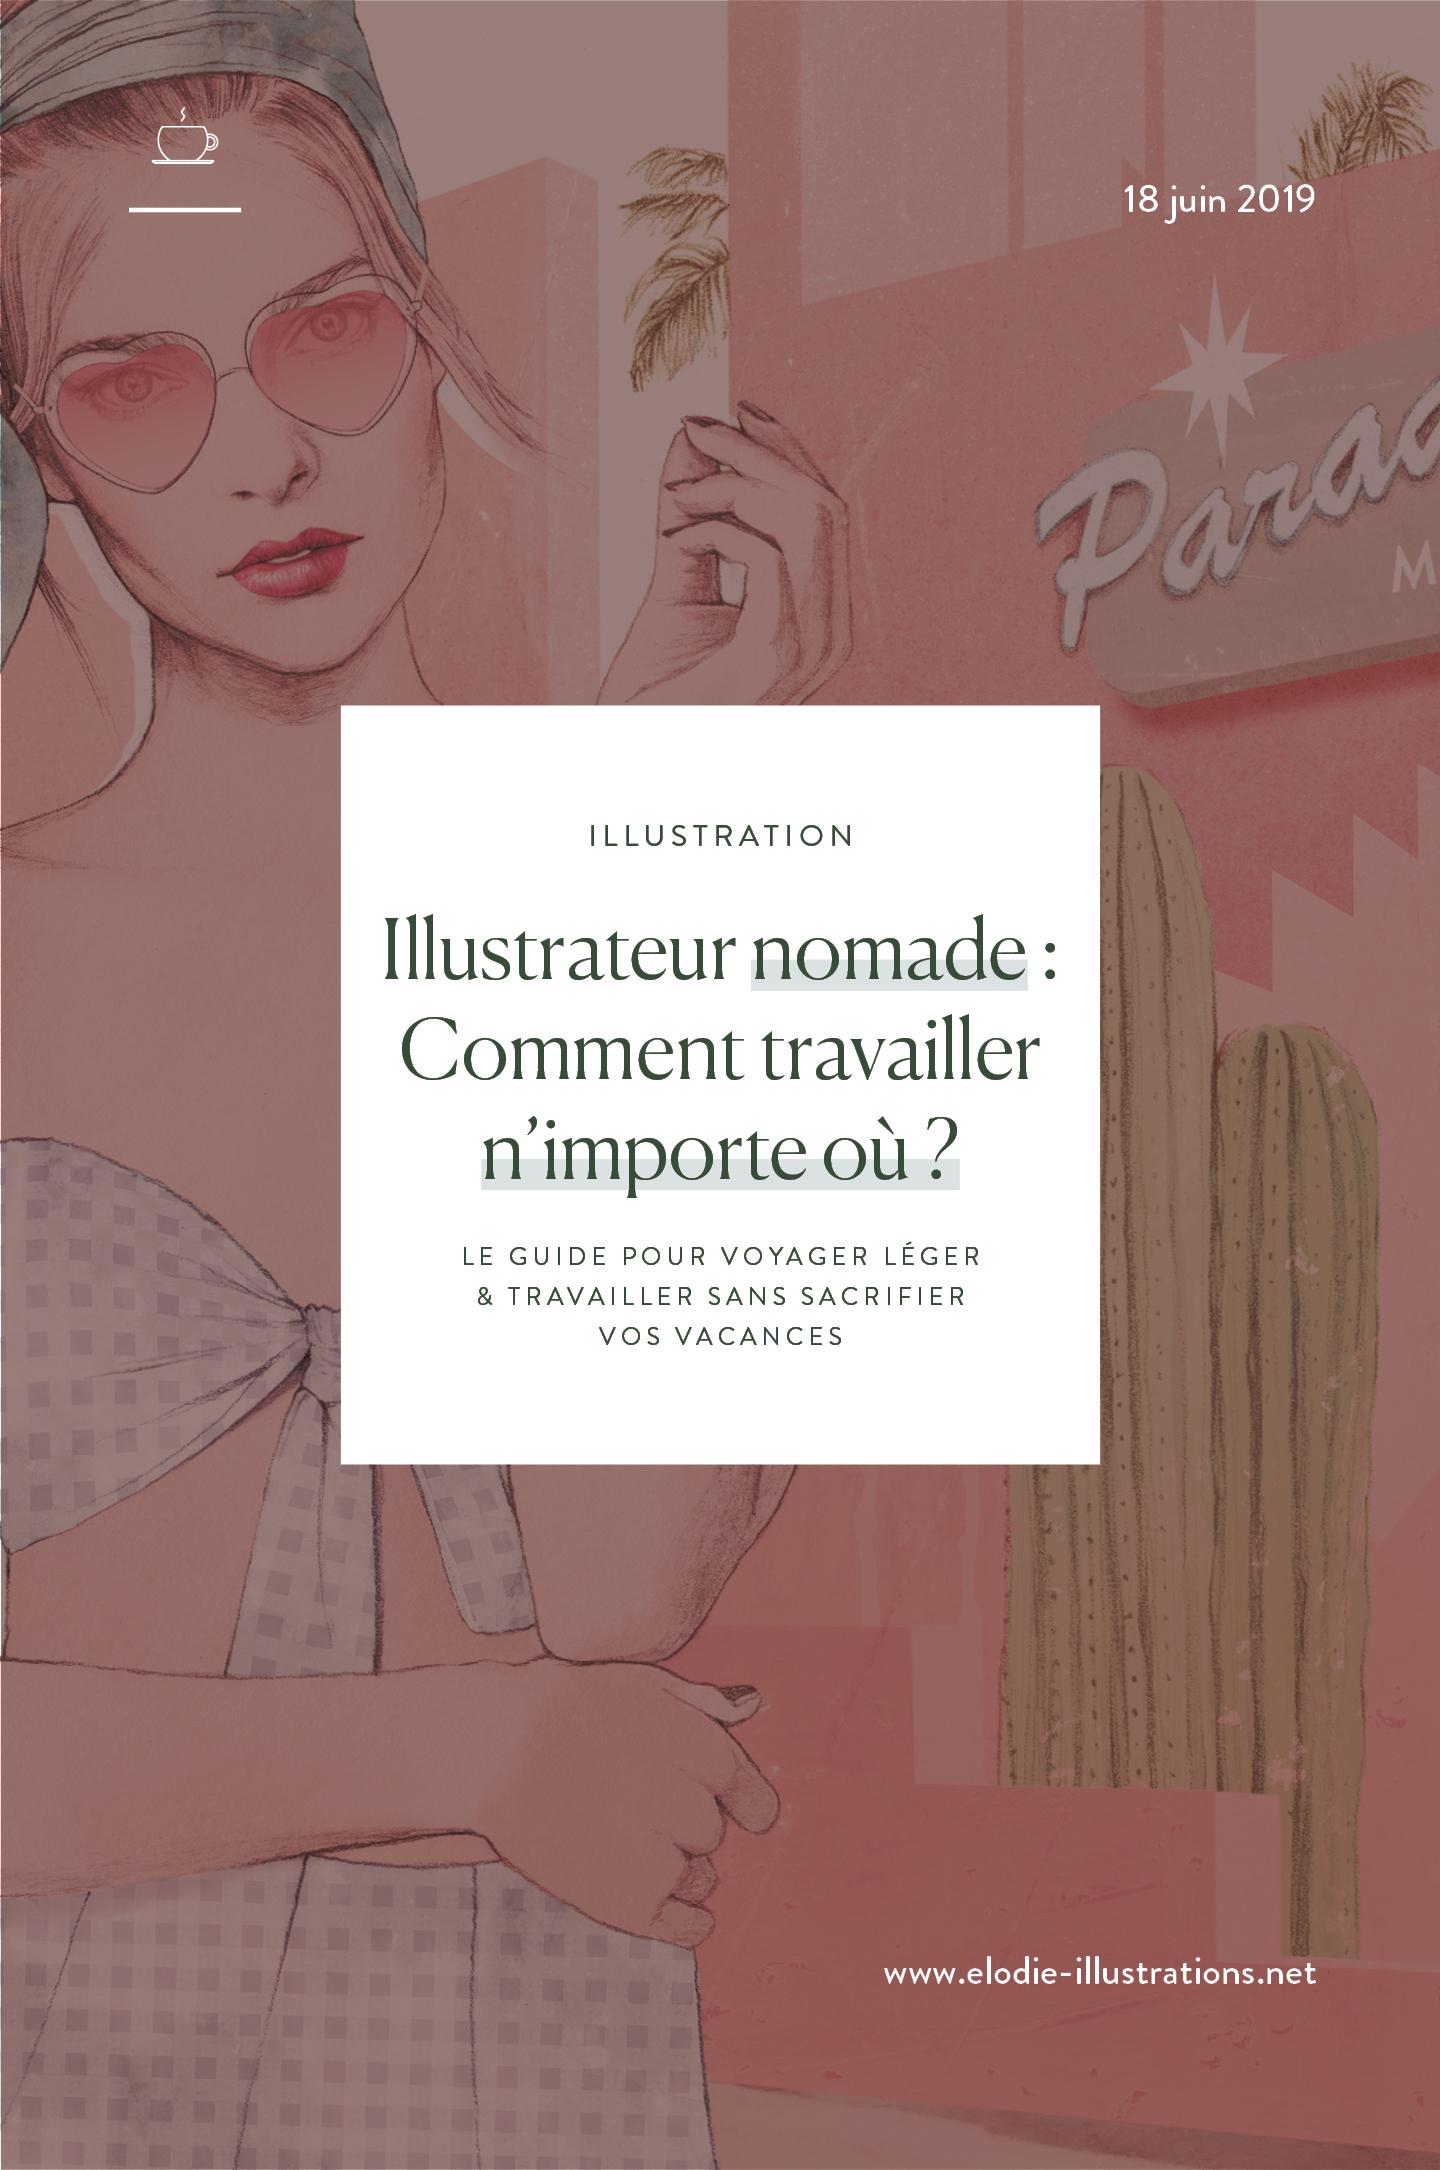 Dans cet article, je vous donne 2-3 trucs d'illustrateur nomade pour travailler n'importe où sans sacrifier vos vacances. | Cliquez pour lire l'article